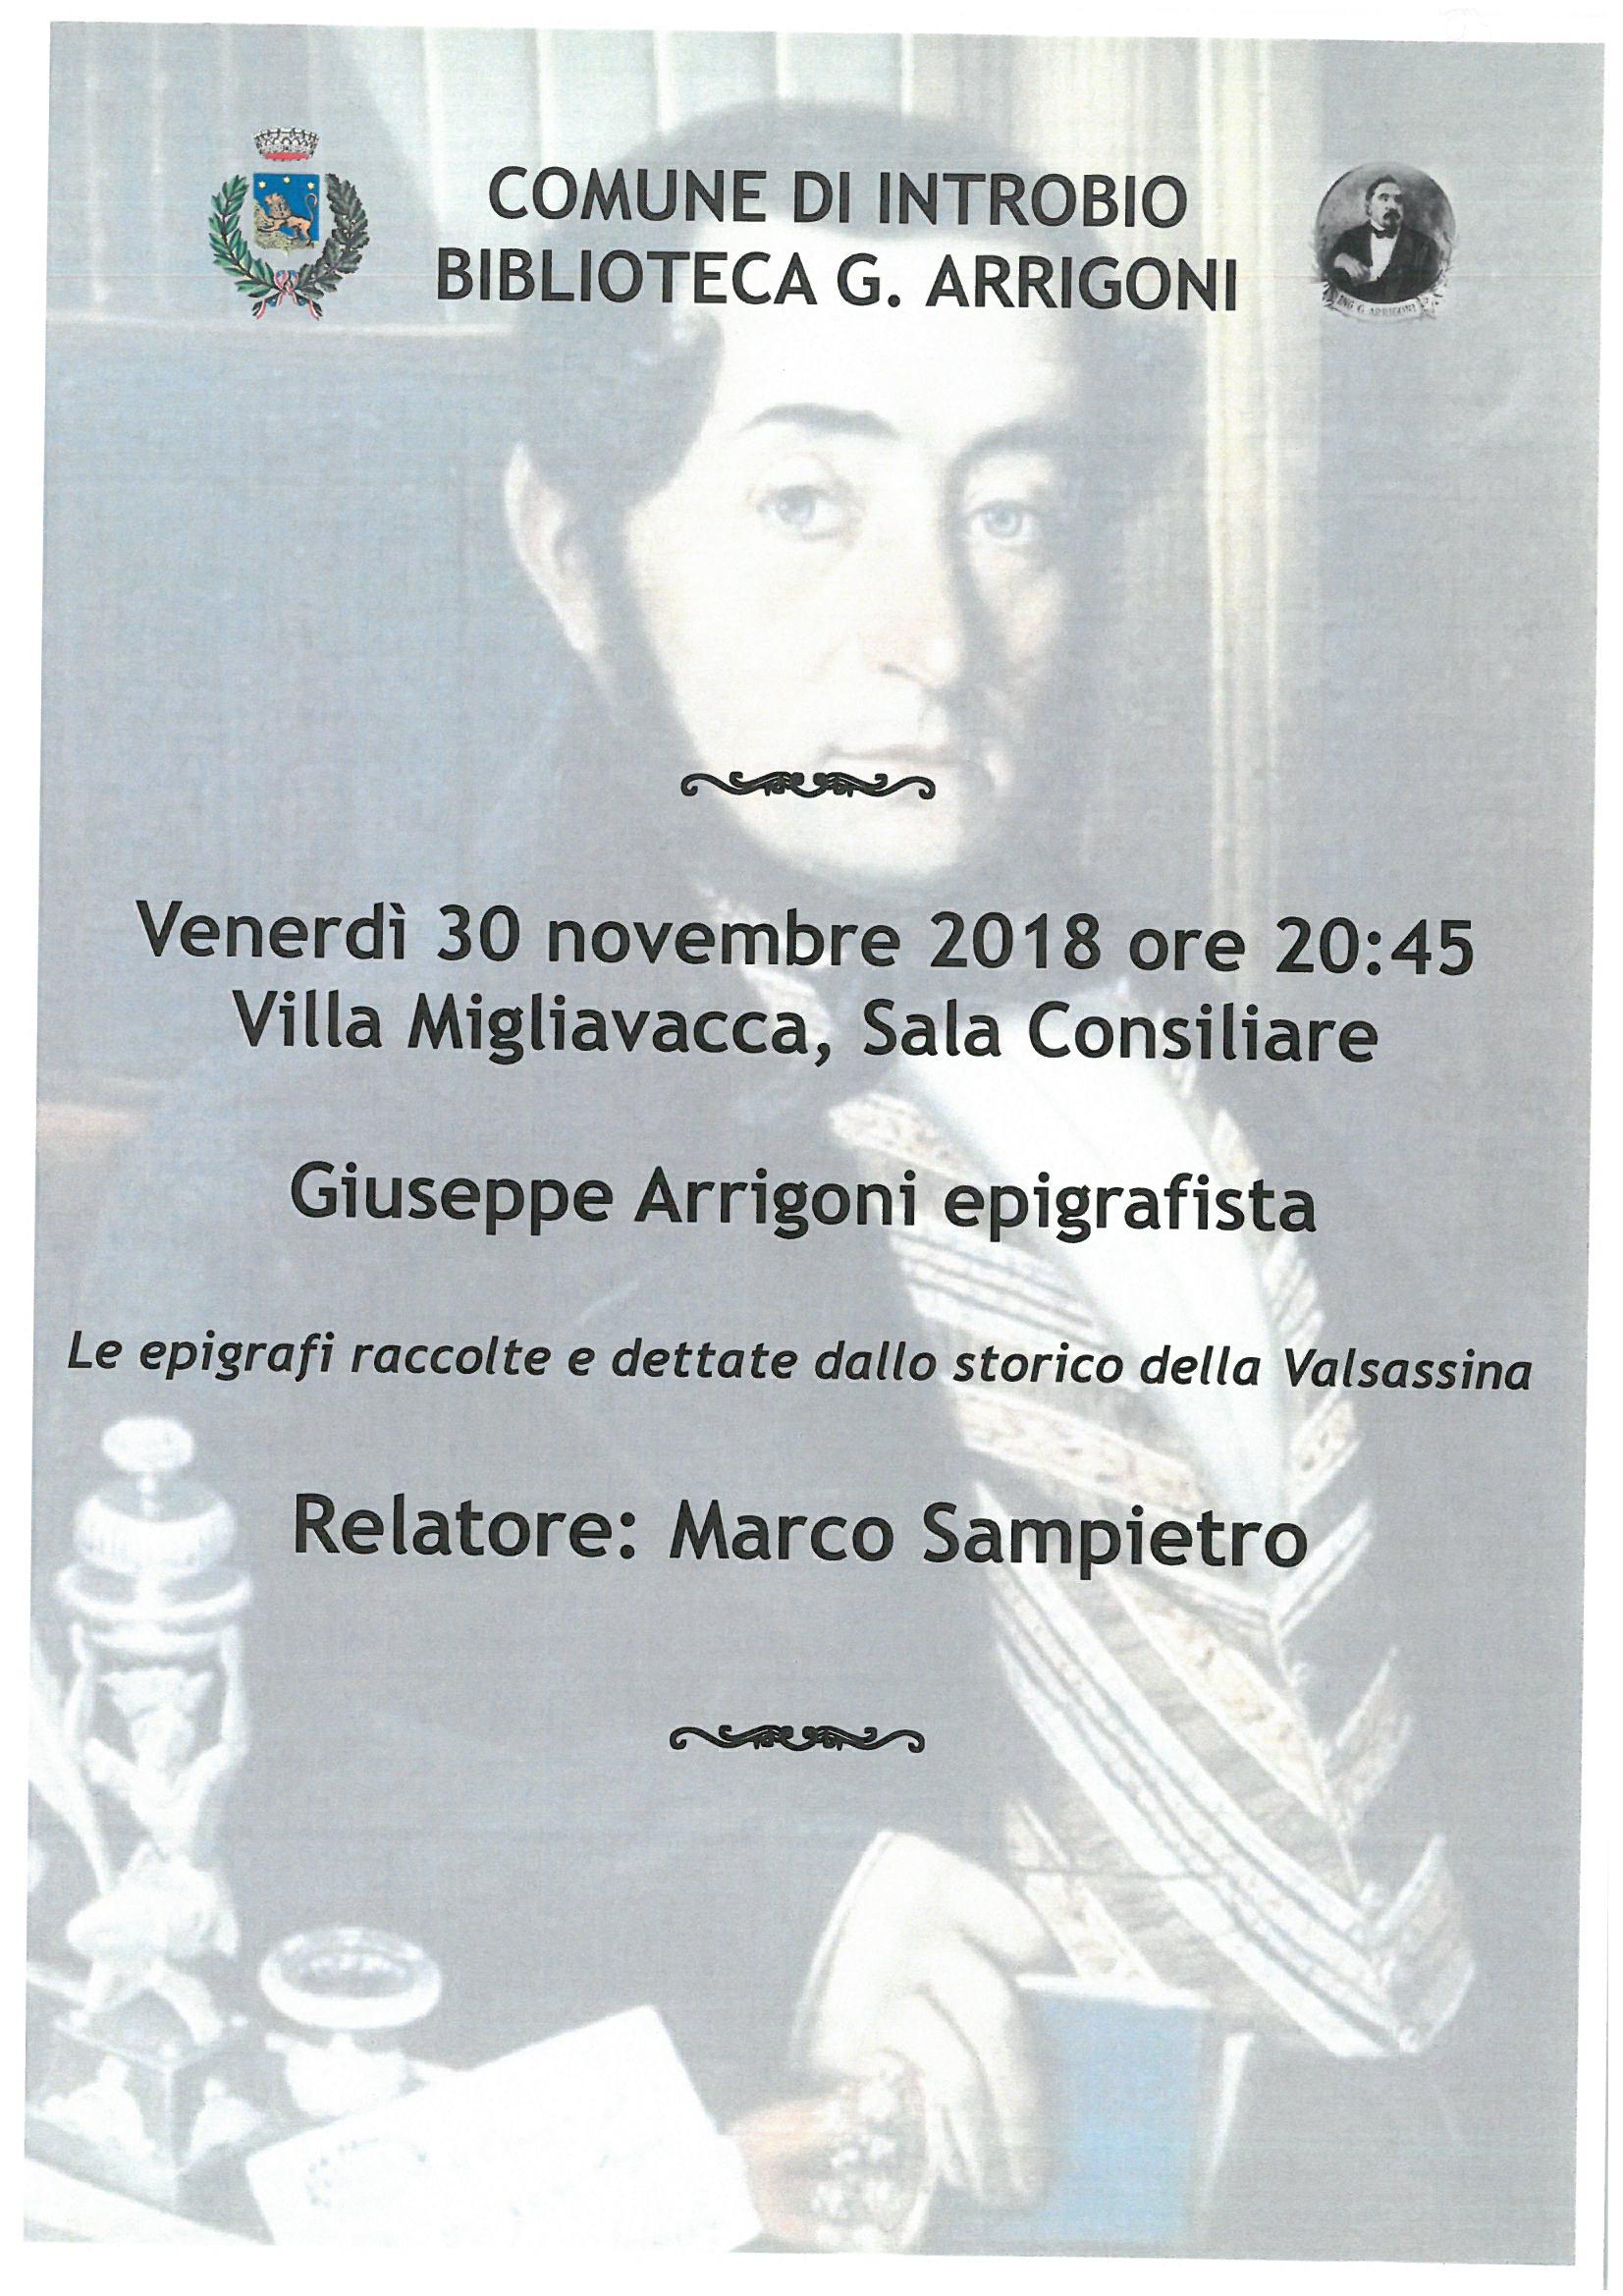 Conferenza alla Villa Migliavacca di Introbio